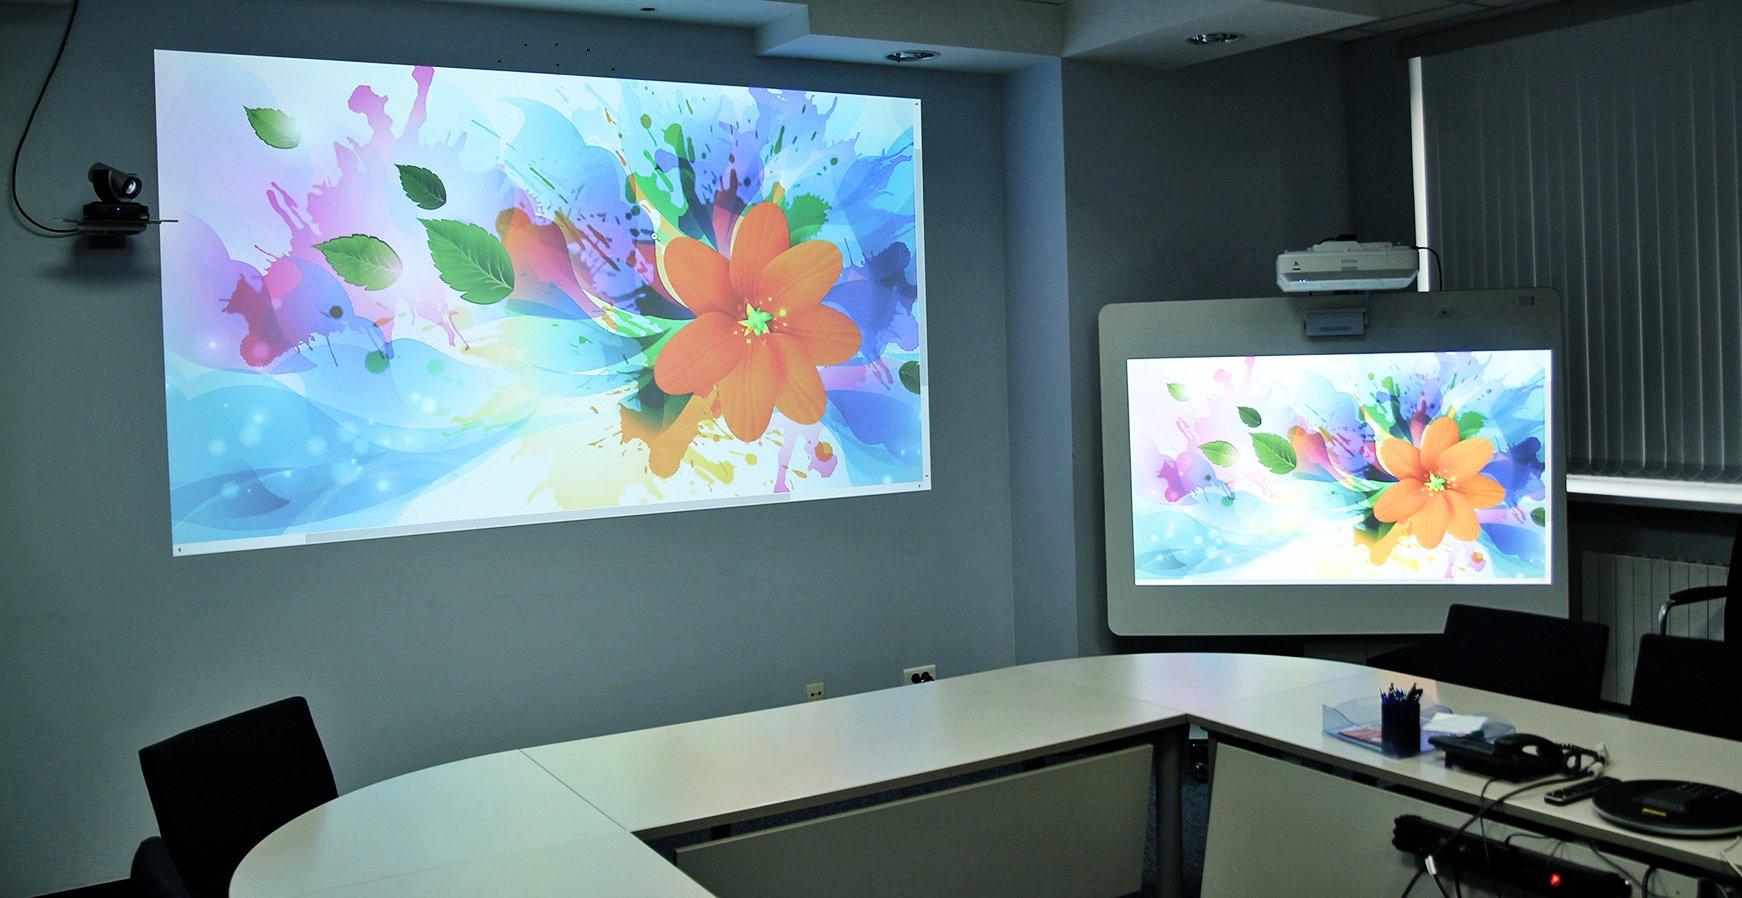 Проектор vs плоская панель. Примеряем халат офтальмолога и выясняем, почему размер имеет значение